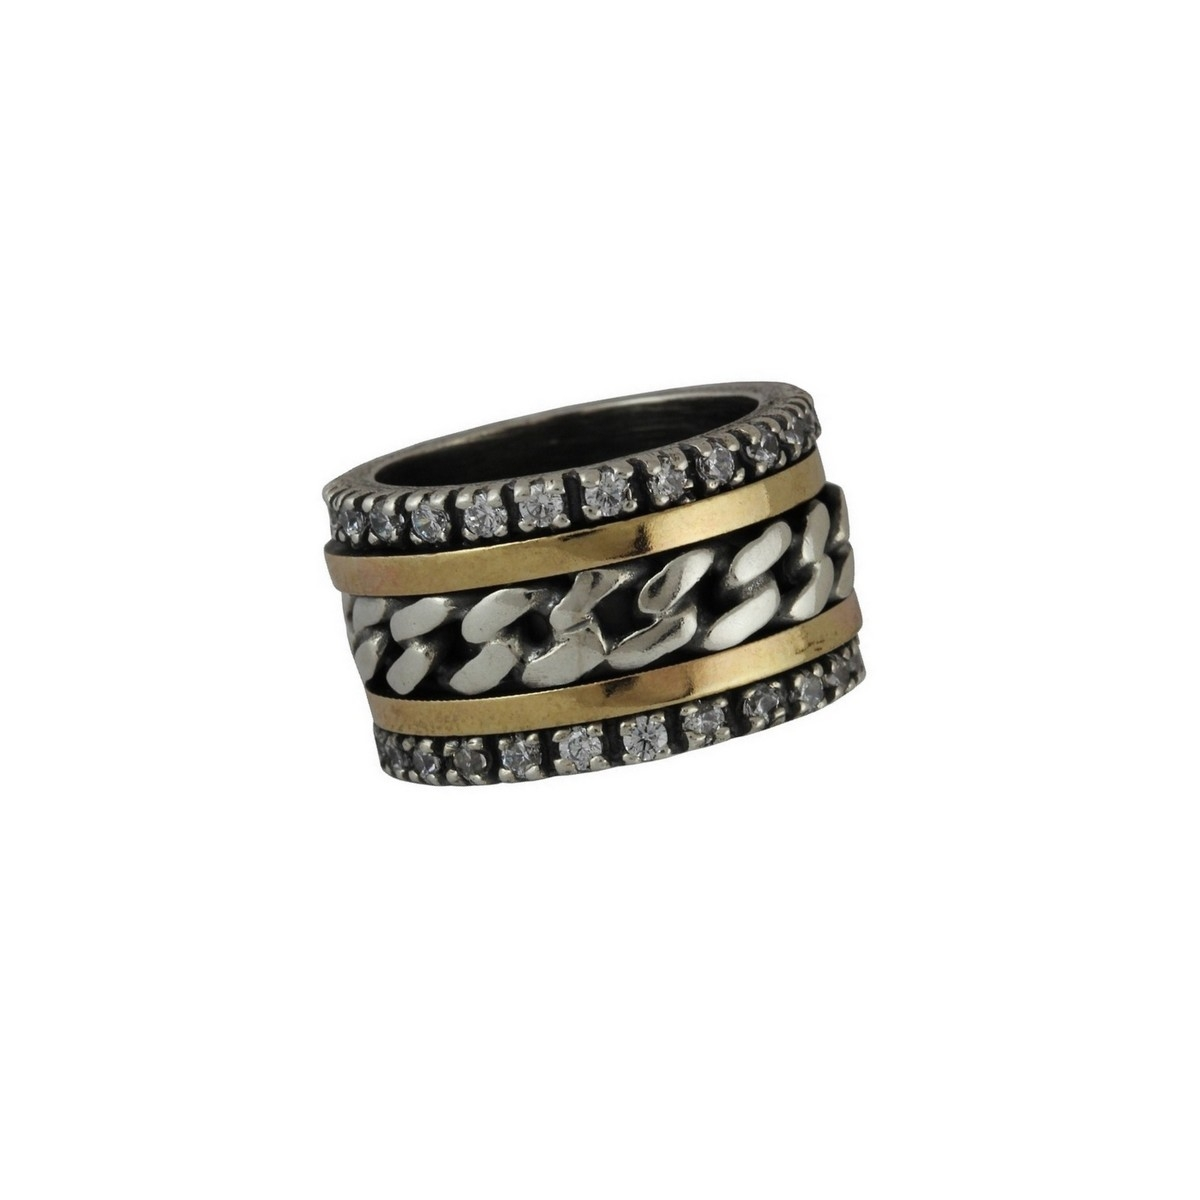 2f6d64235a0a8 Anel de Prata e Ouro - Comprar Anel de Prata e Ouro em Prata.pt